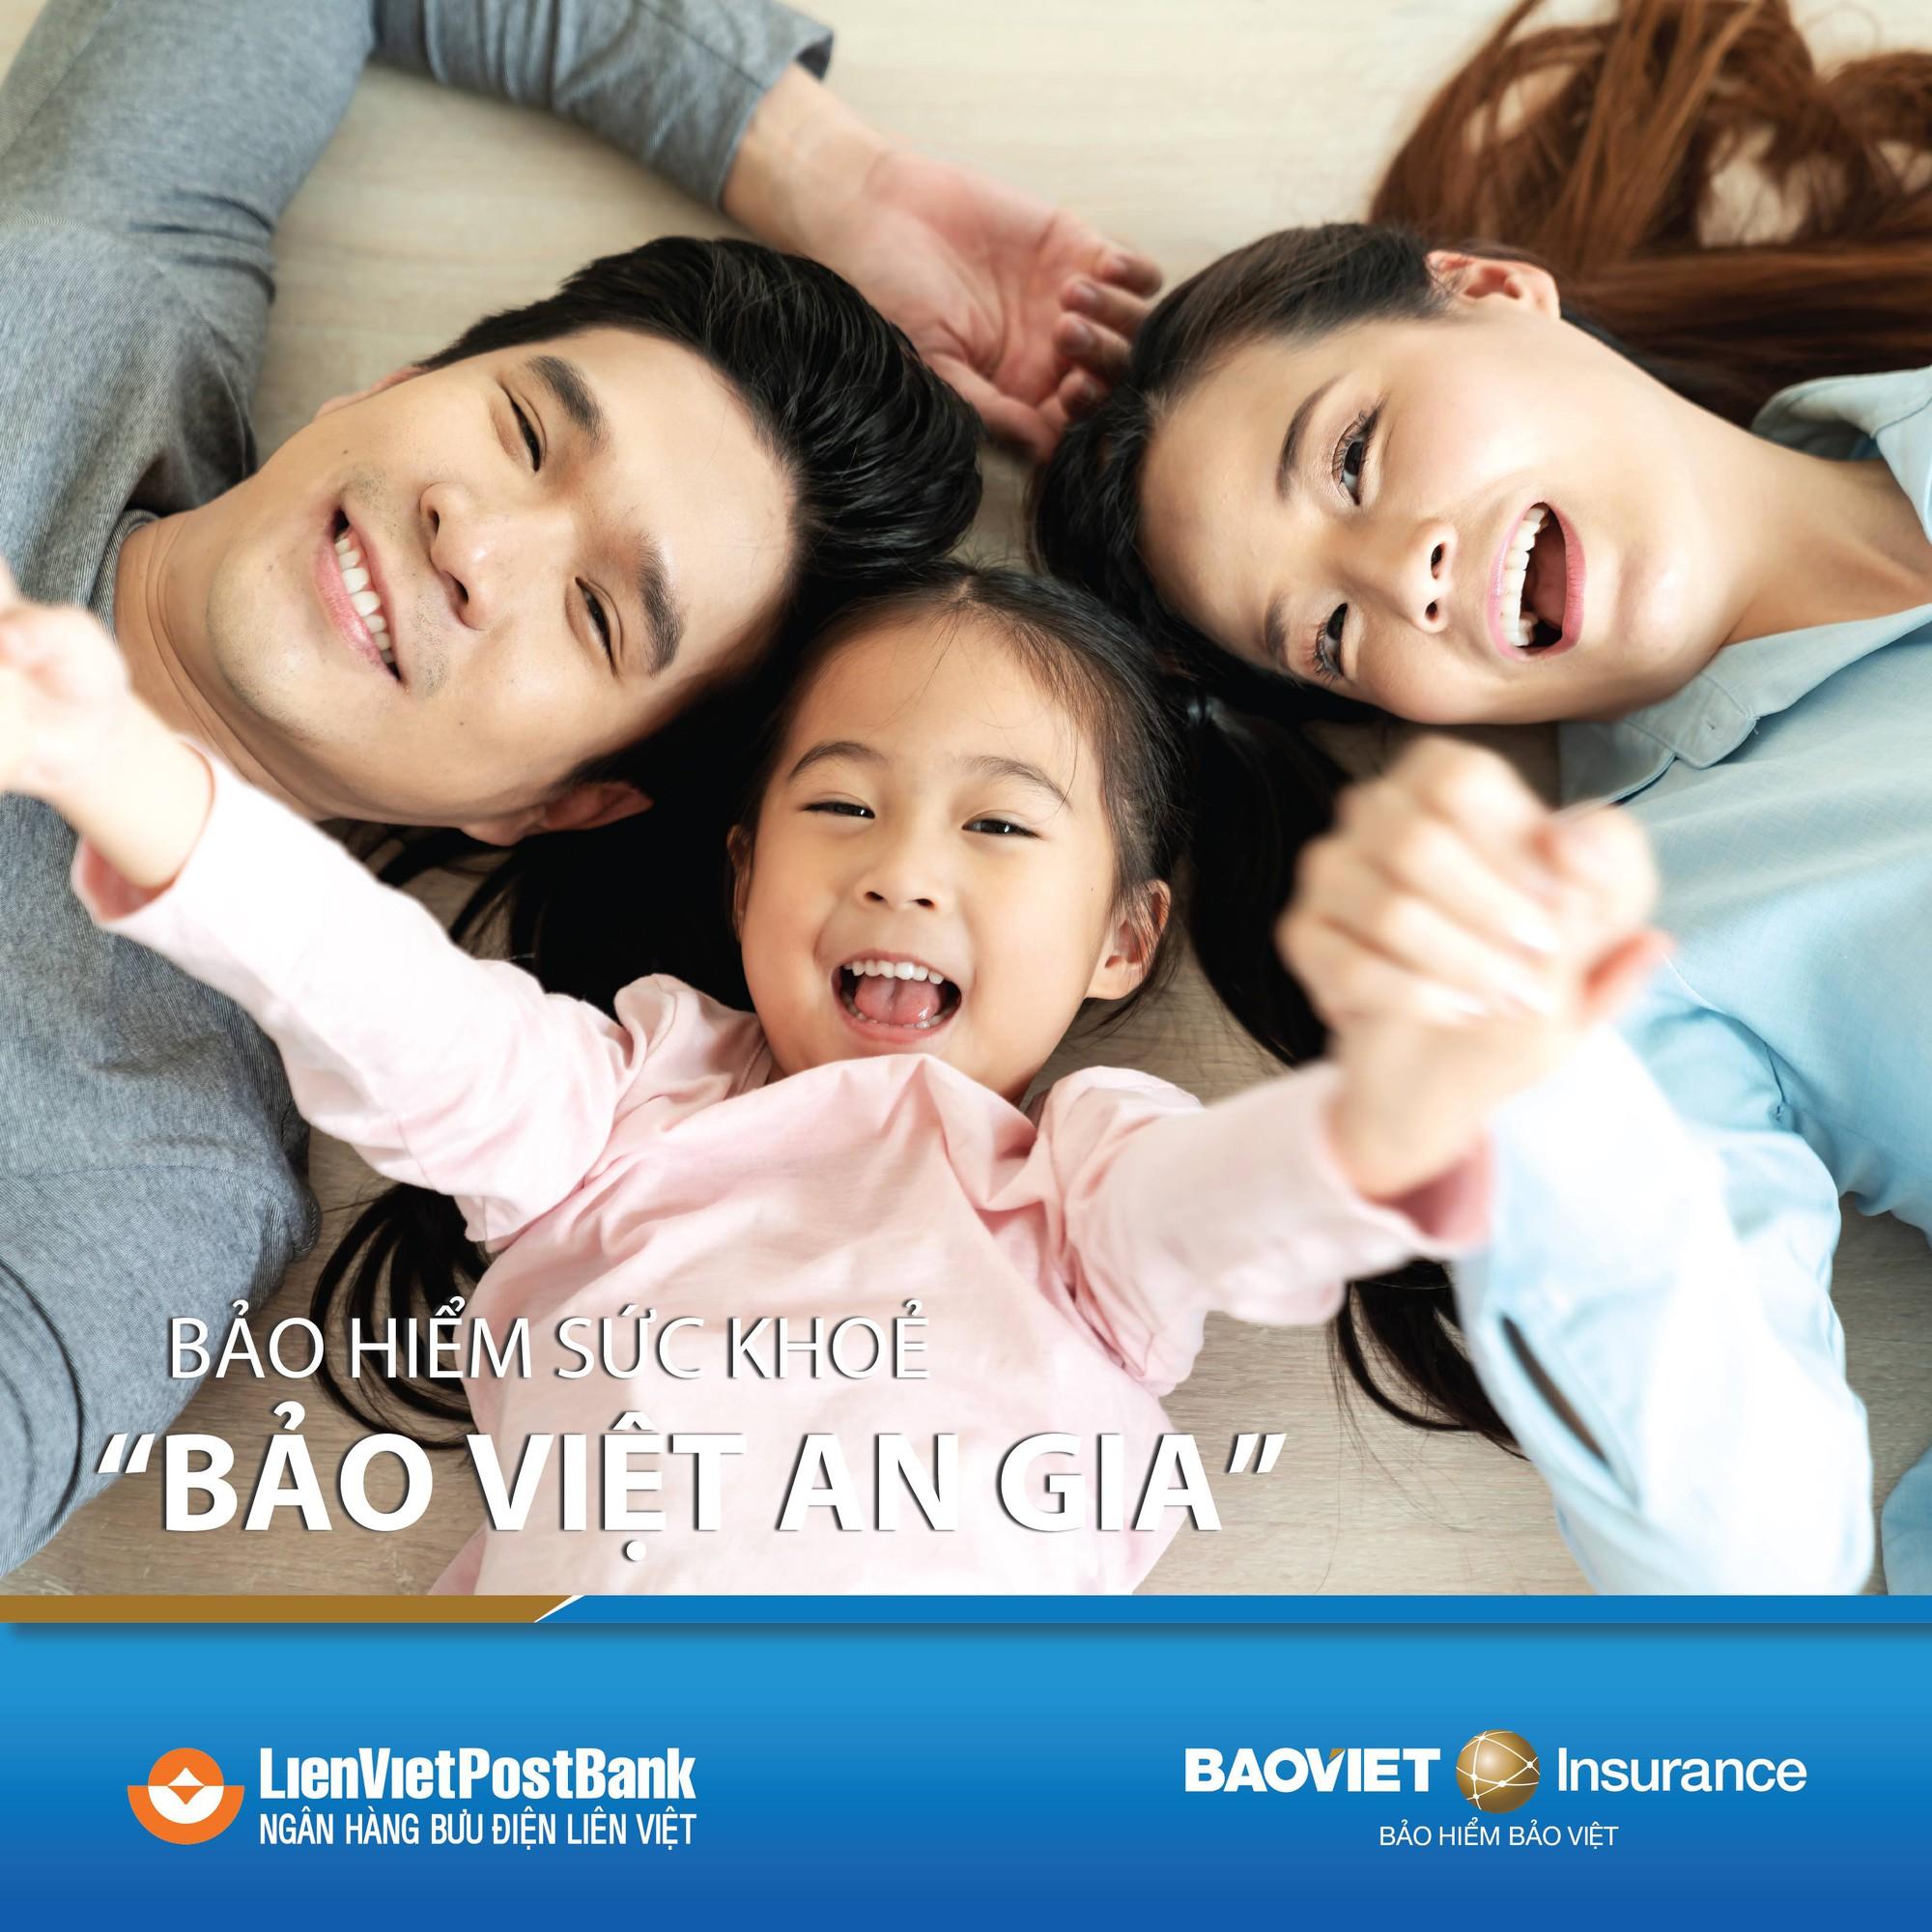 LienVietPostBank và Bảo hiểm Bảo Việt ra mắt bảo hiểm sức khỏe trực tuyến - Ảnh 1.